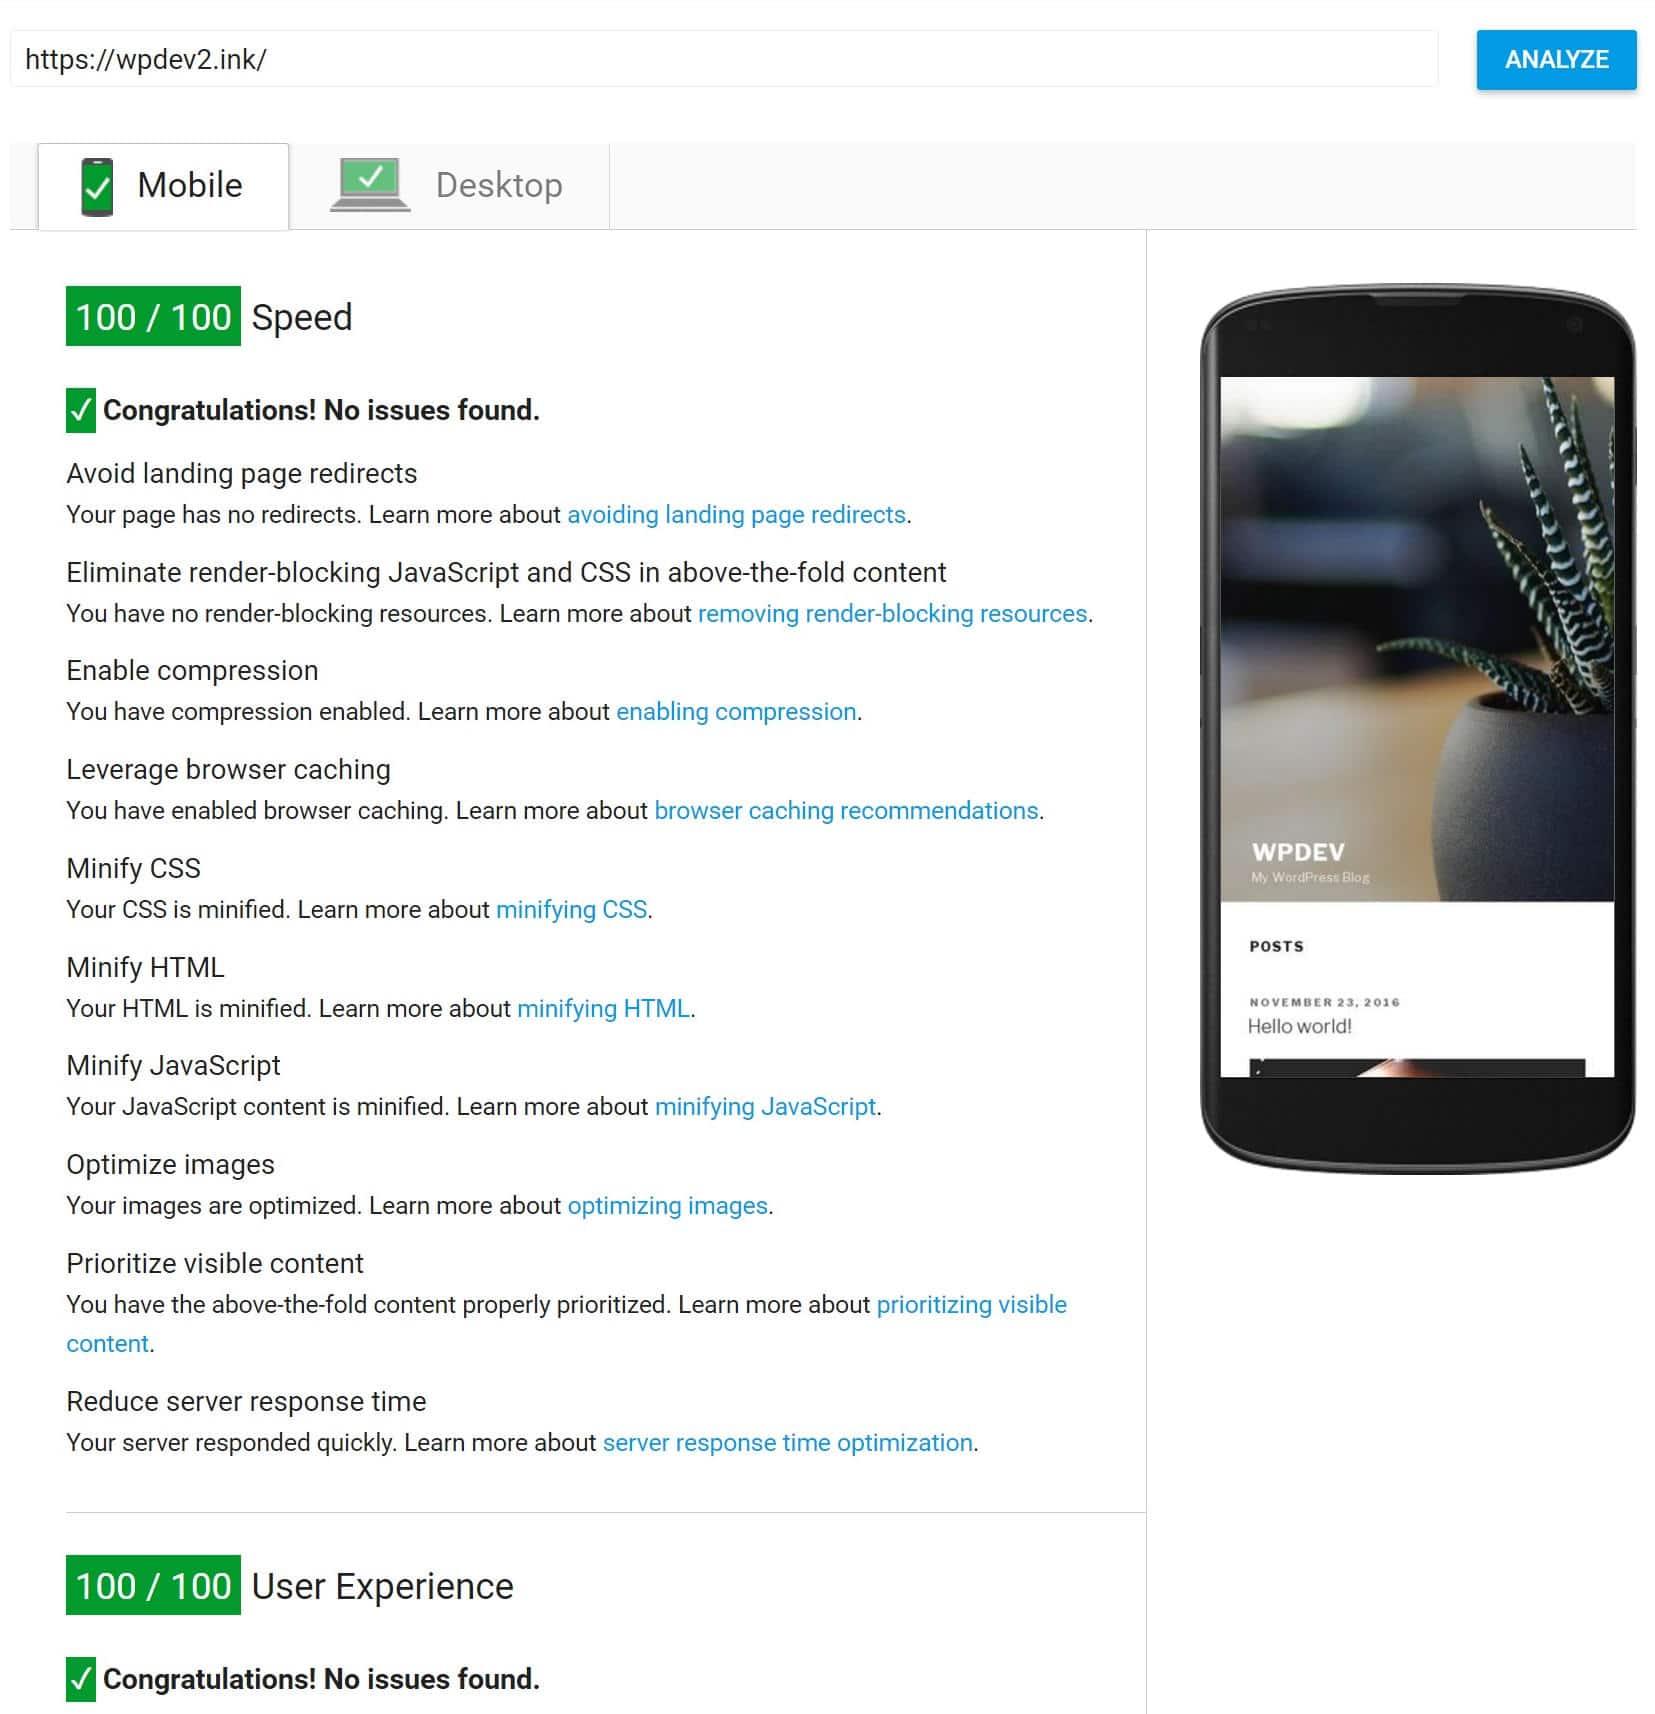 Pontuação no celular de 100/100 Google PageSpeed Insights